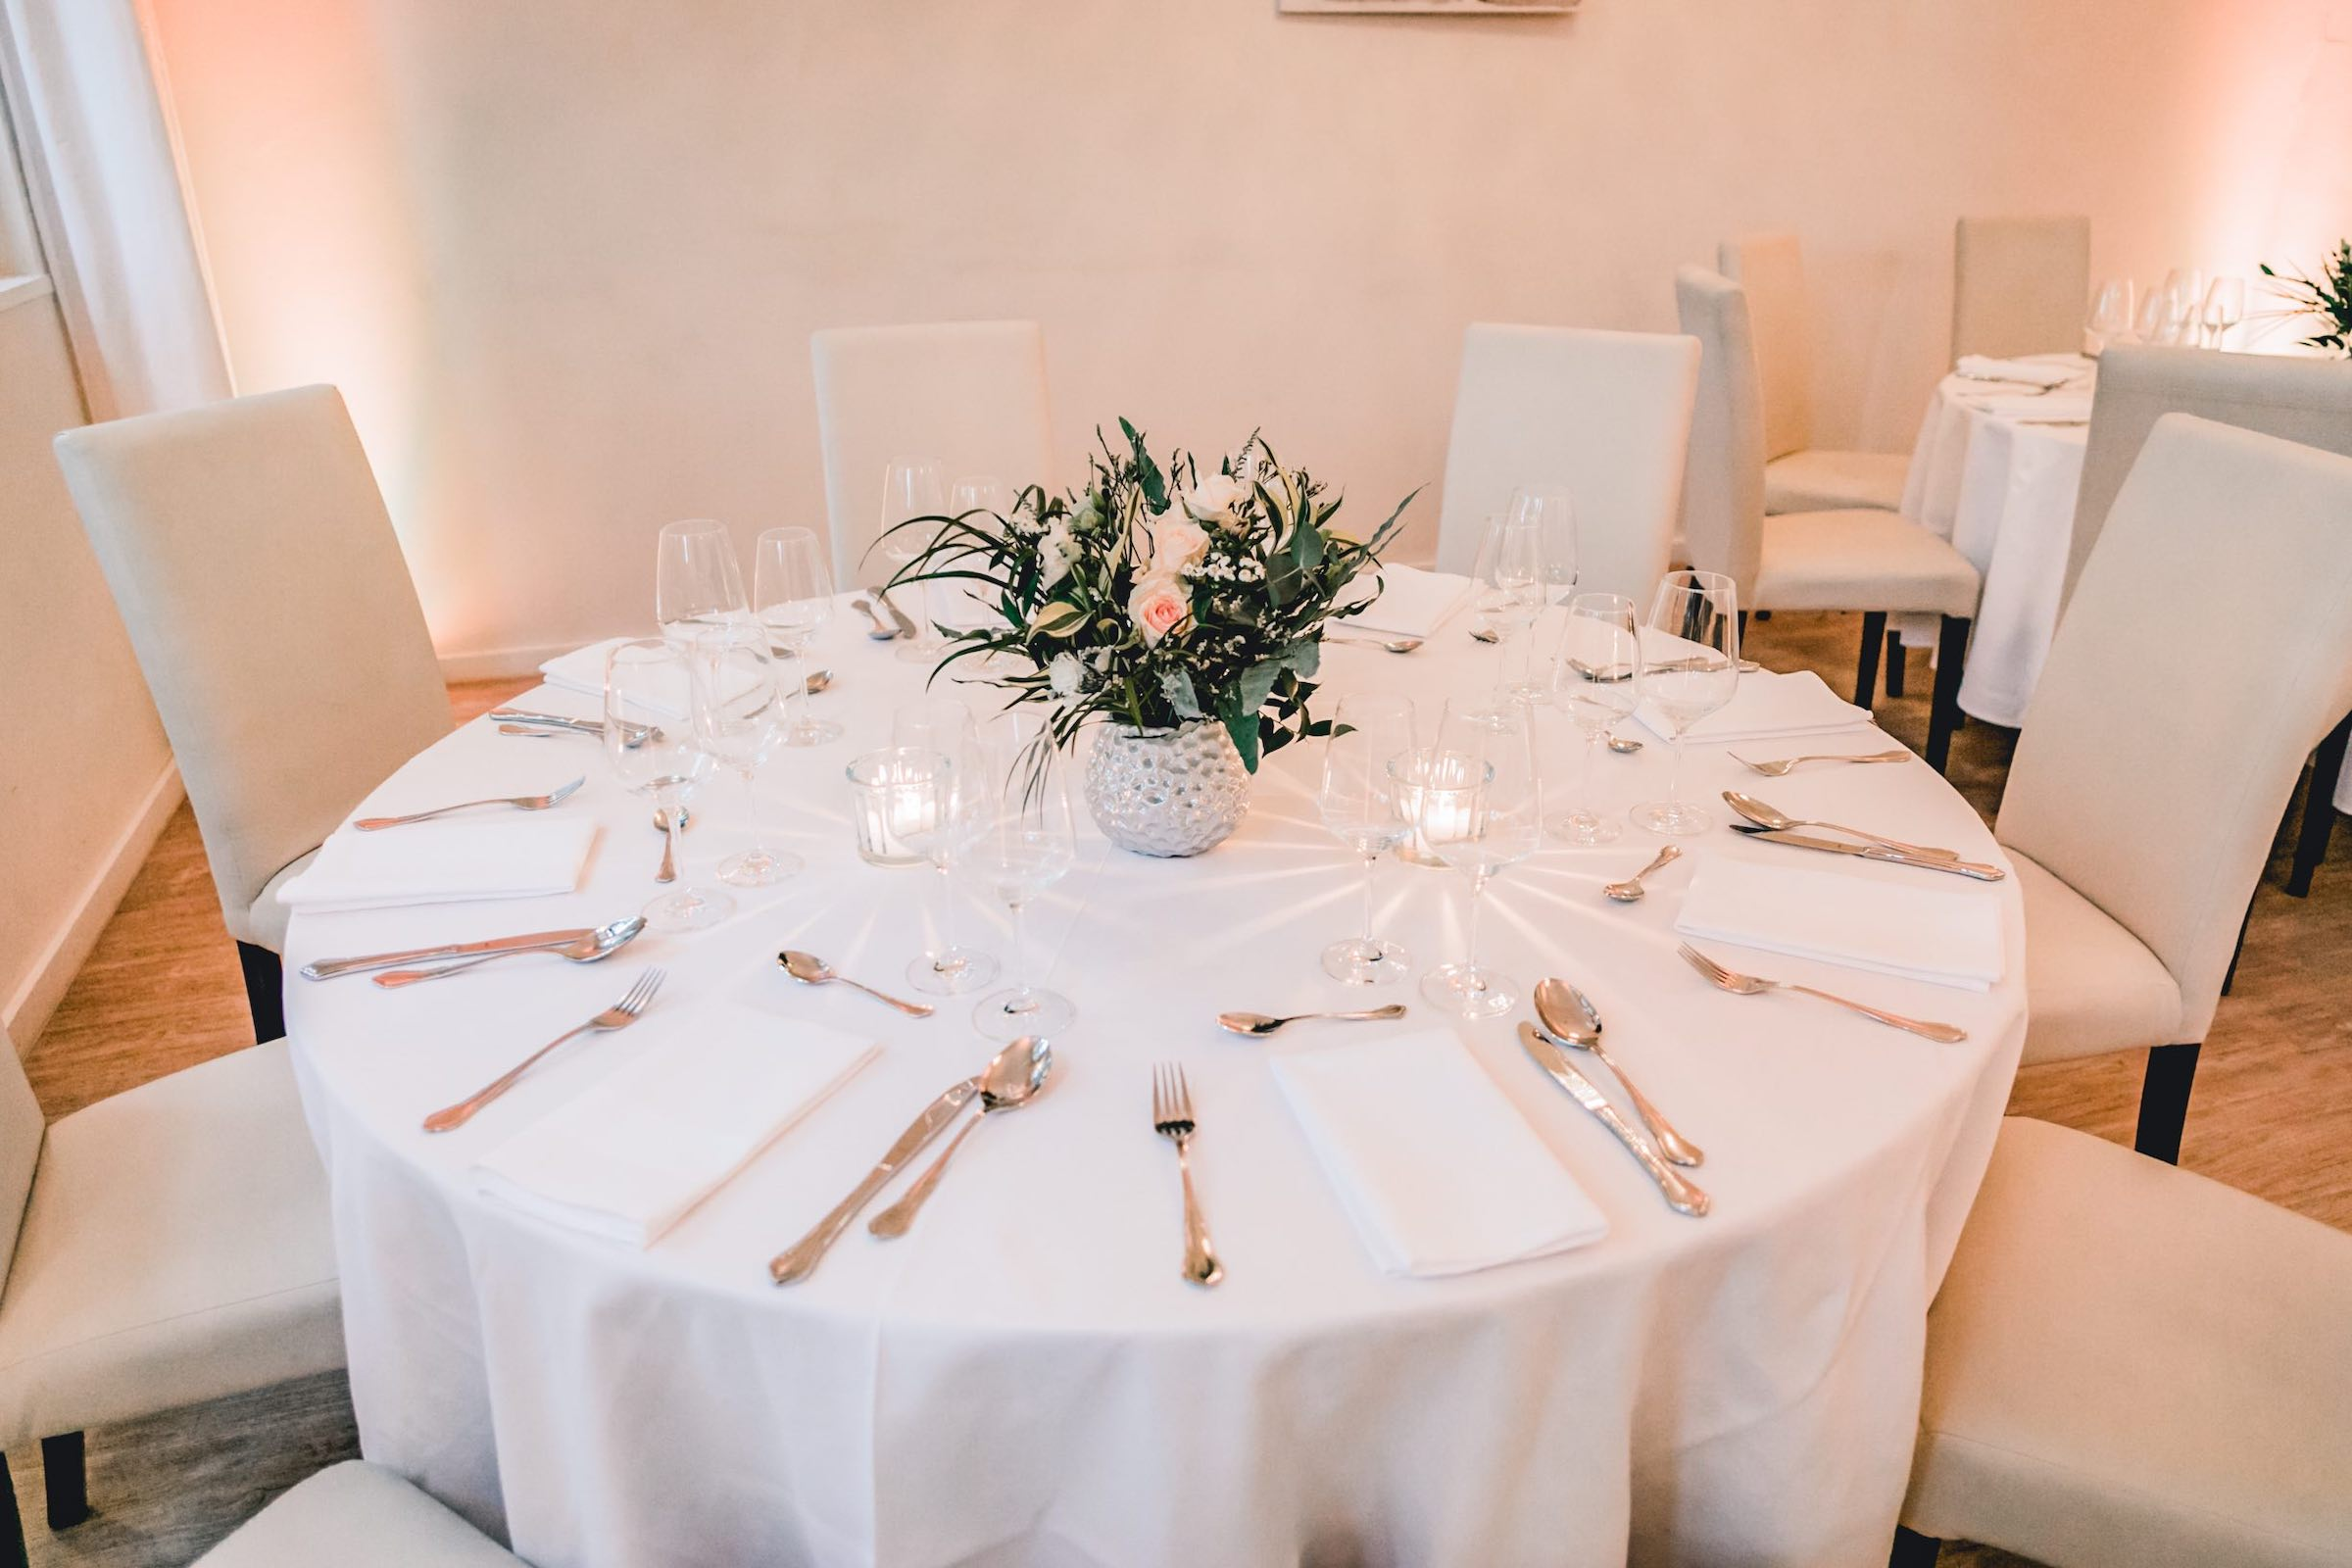 Häserhof | Reddestorf | Location | Referenz | Tischdekoration | Dekoration | Eventplaner | Hochzeitsplaner | Eventaustattung | Mieten | Buchen | Lehmann | Eventservice